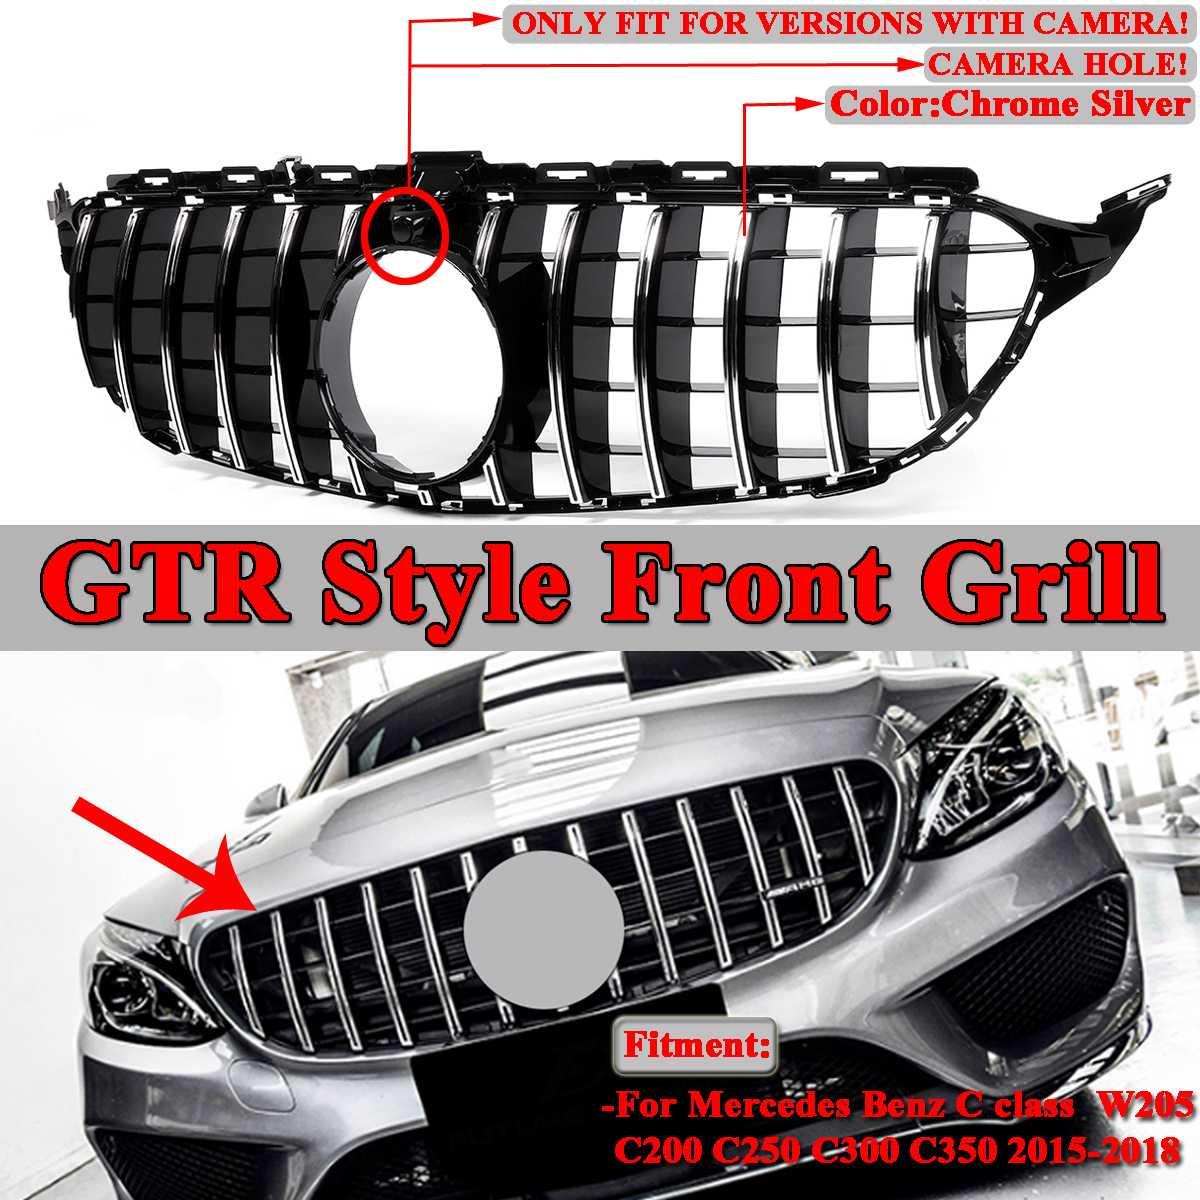 W205 GTR GT R スタイルの車のフロントグリルグリル黒/クロームシルバーメルセデスベンツのため W205 C200 C250 c300 C350 2015-2018 2Dr/4Dr